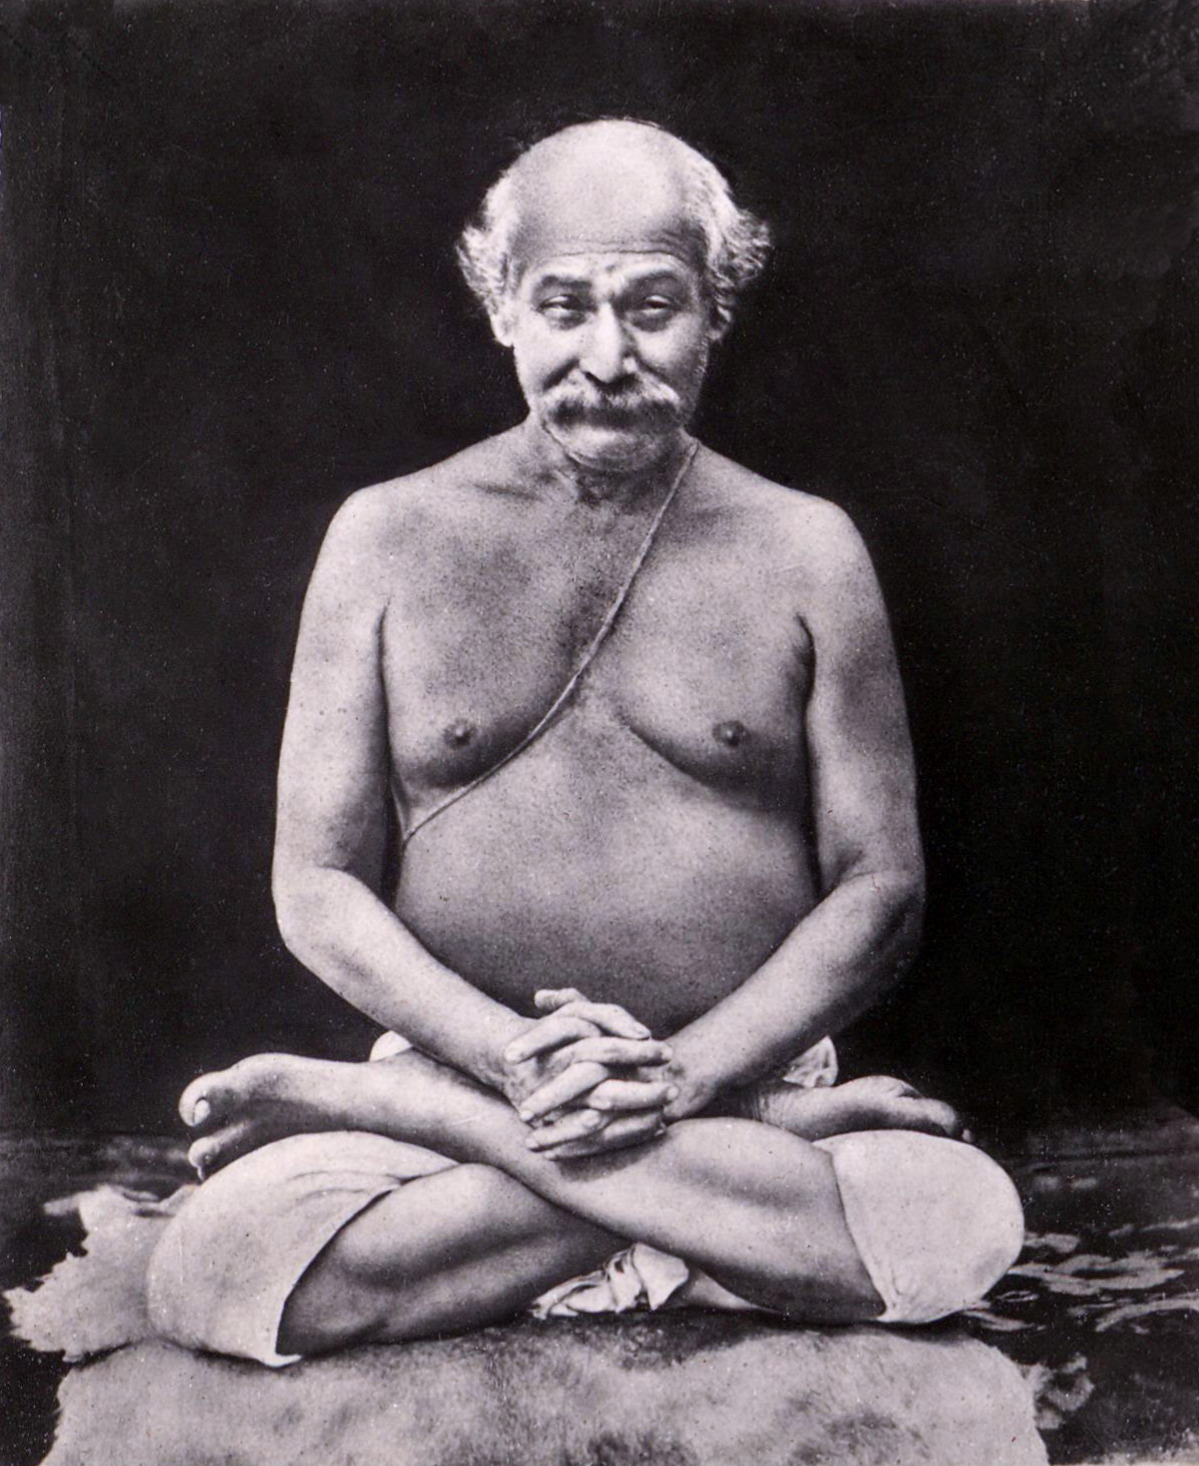 Lahiri Mahasaya in Lotus position